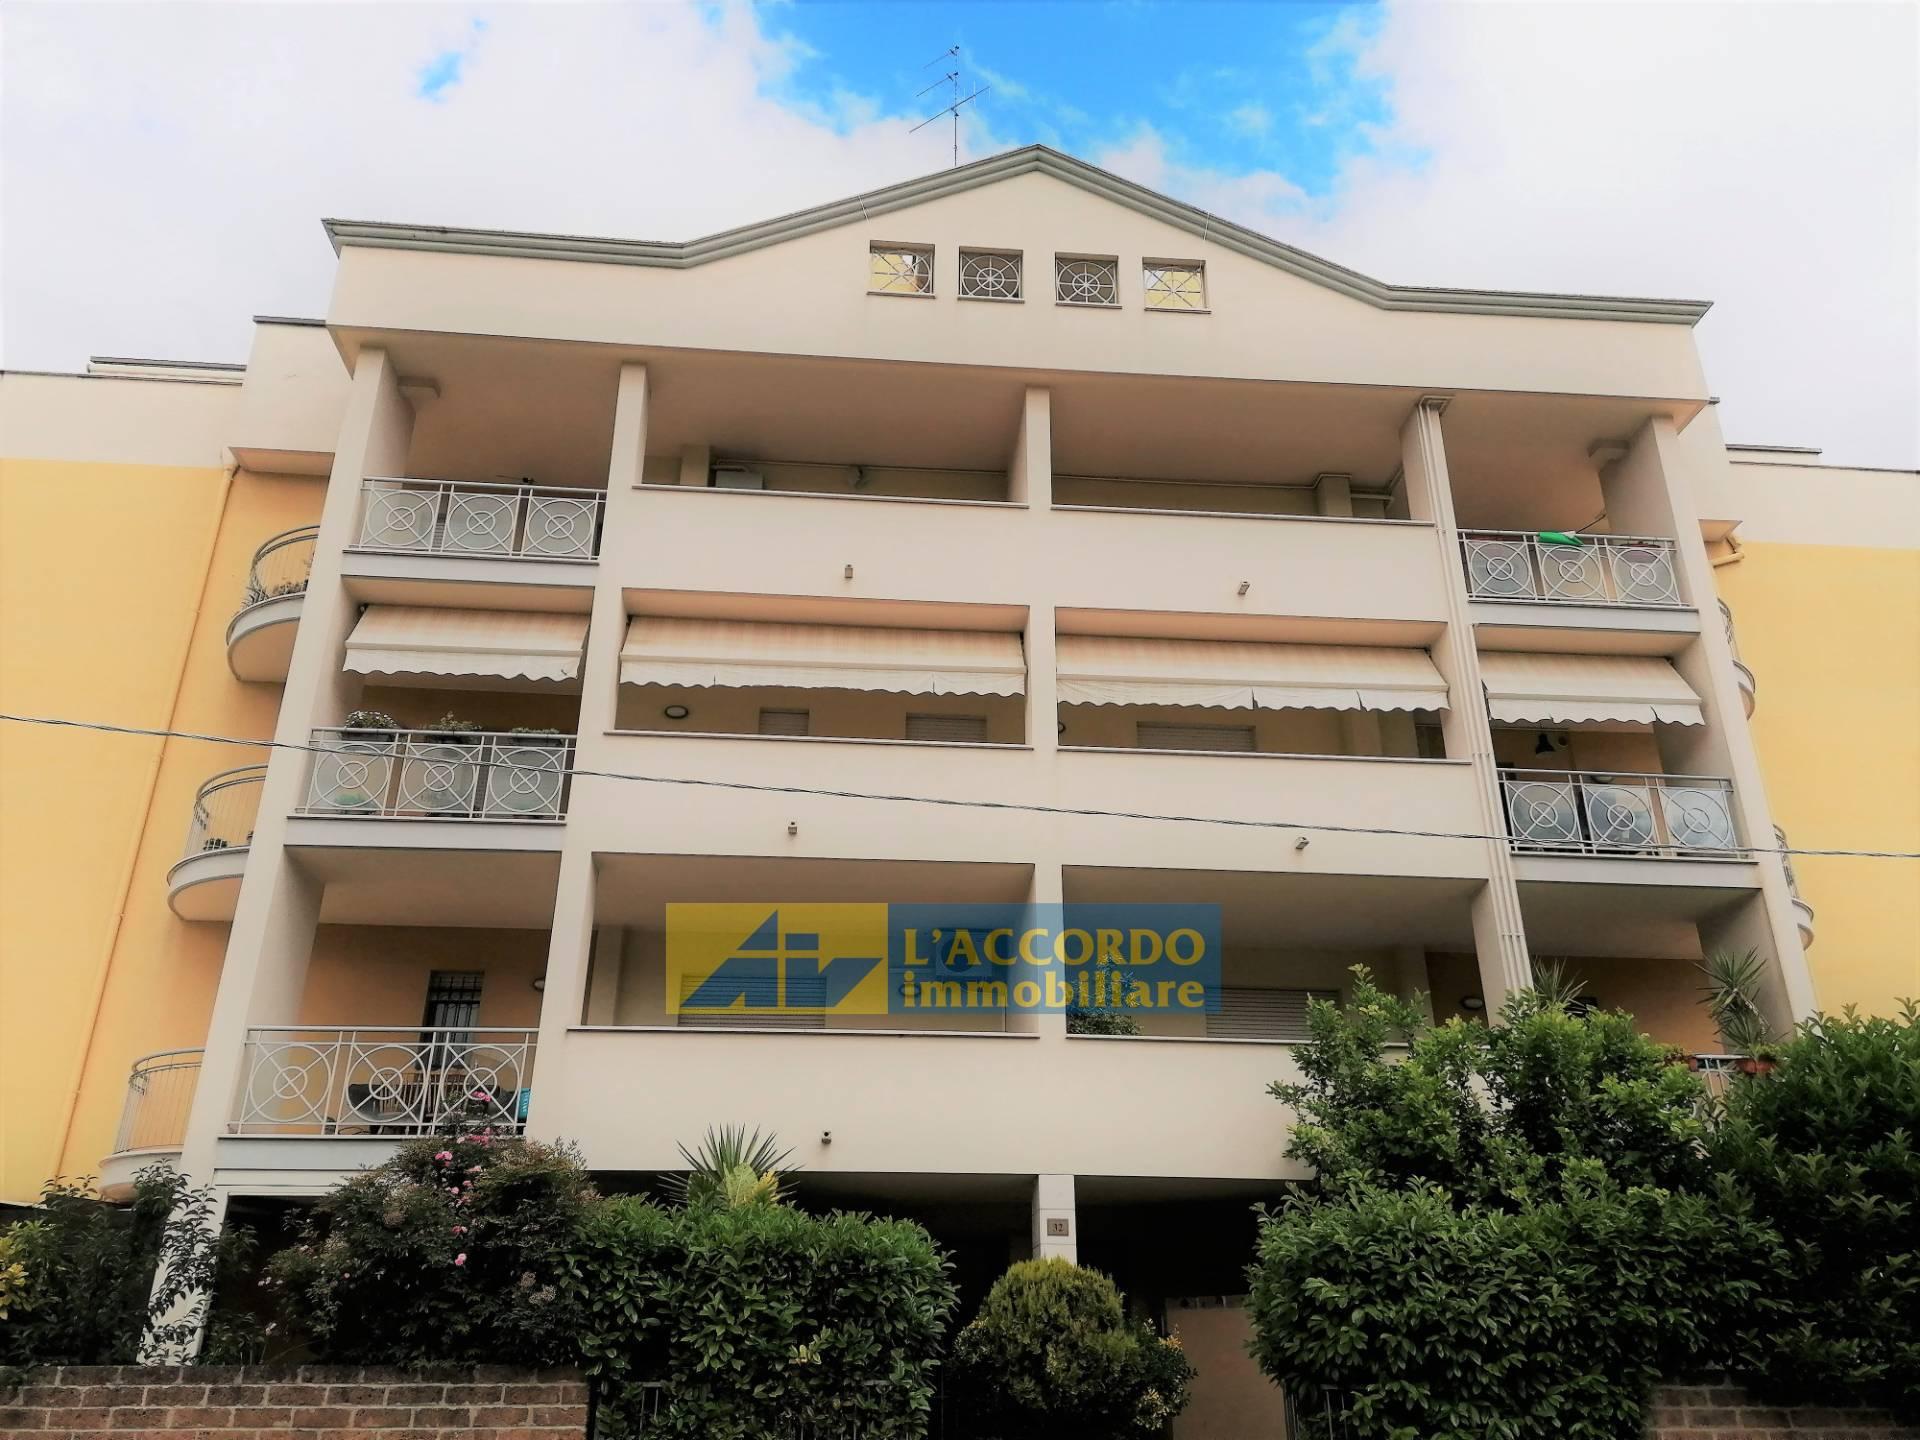 Appartamento, 120 Mq, Vendita - Chieti (Chieti)